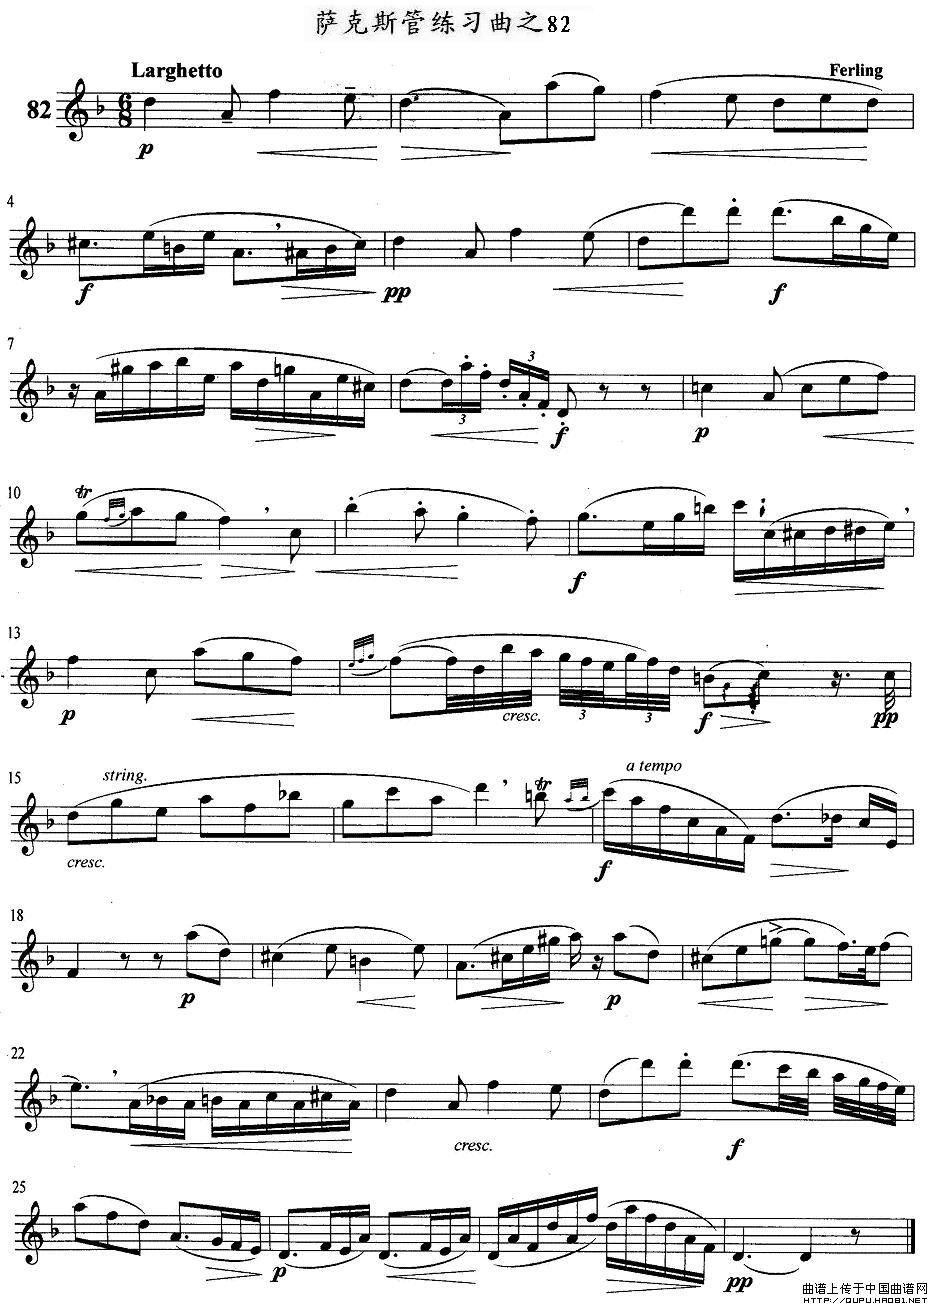 萨克斯练习曲之82_简谱_搜谱网